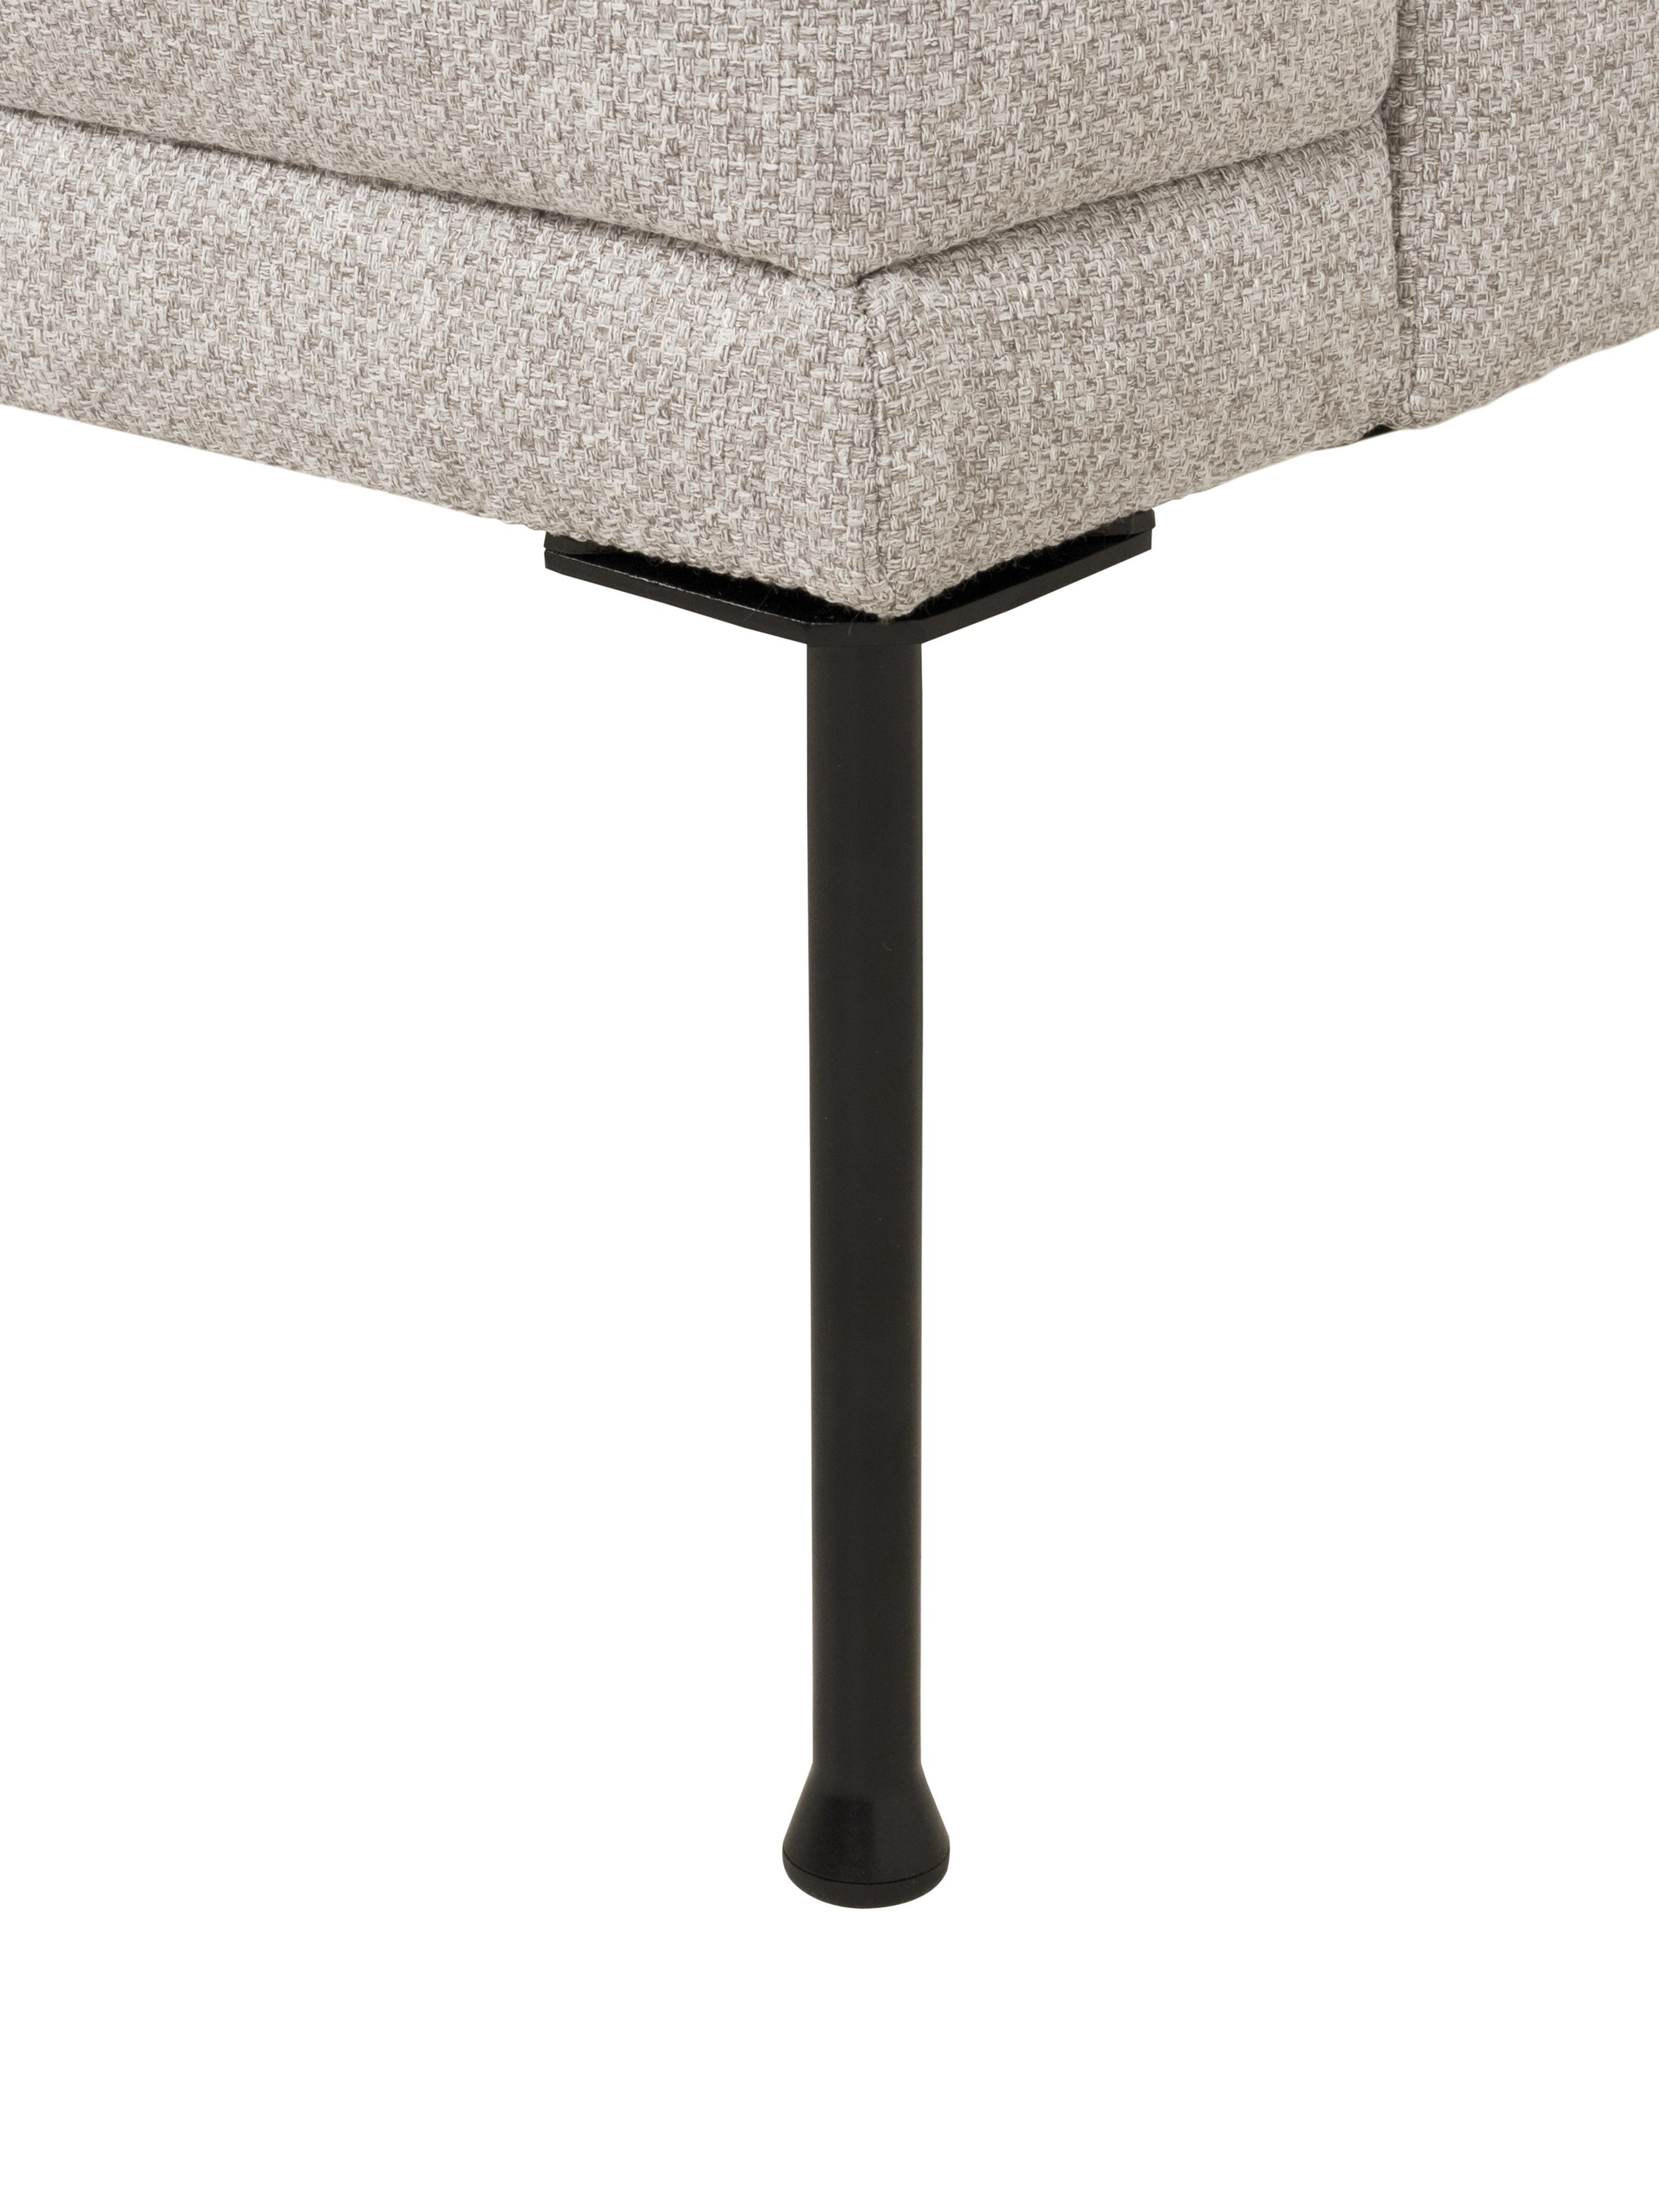 Hoekbank Fluente, Bekleding: 80% polyester, 20% ramie, Frame: massief grenenhout, Poten: gepoedercoat metaal, Geweven stof beige, B 221 x D 200 cm